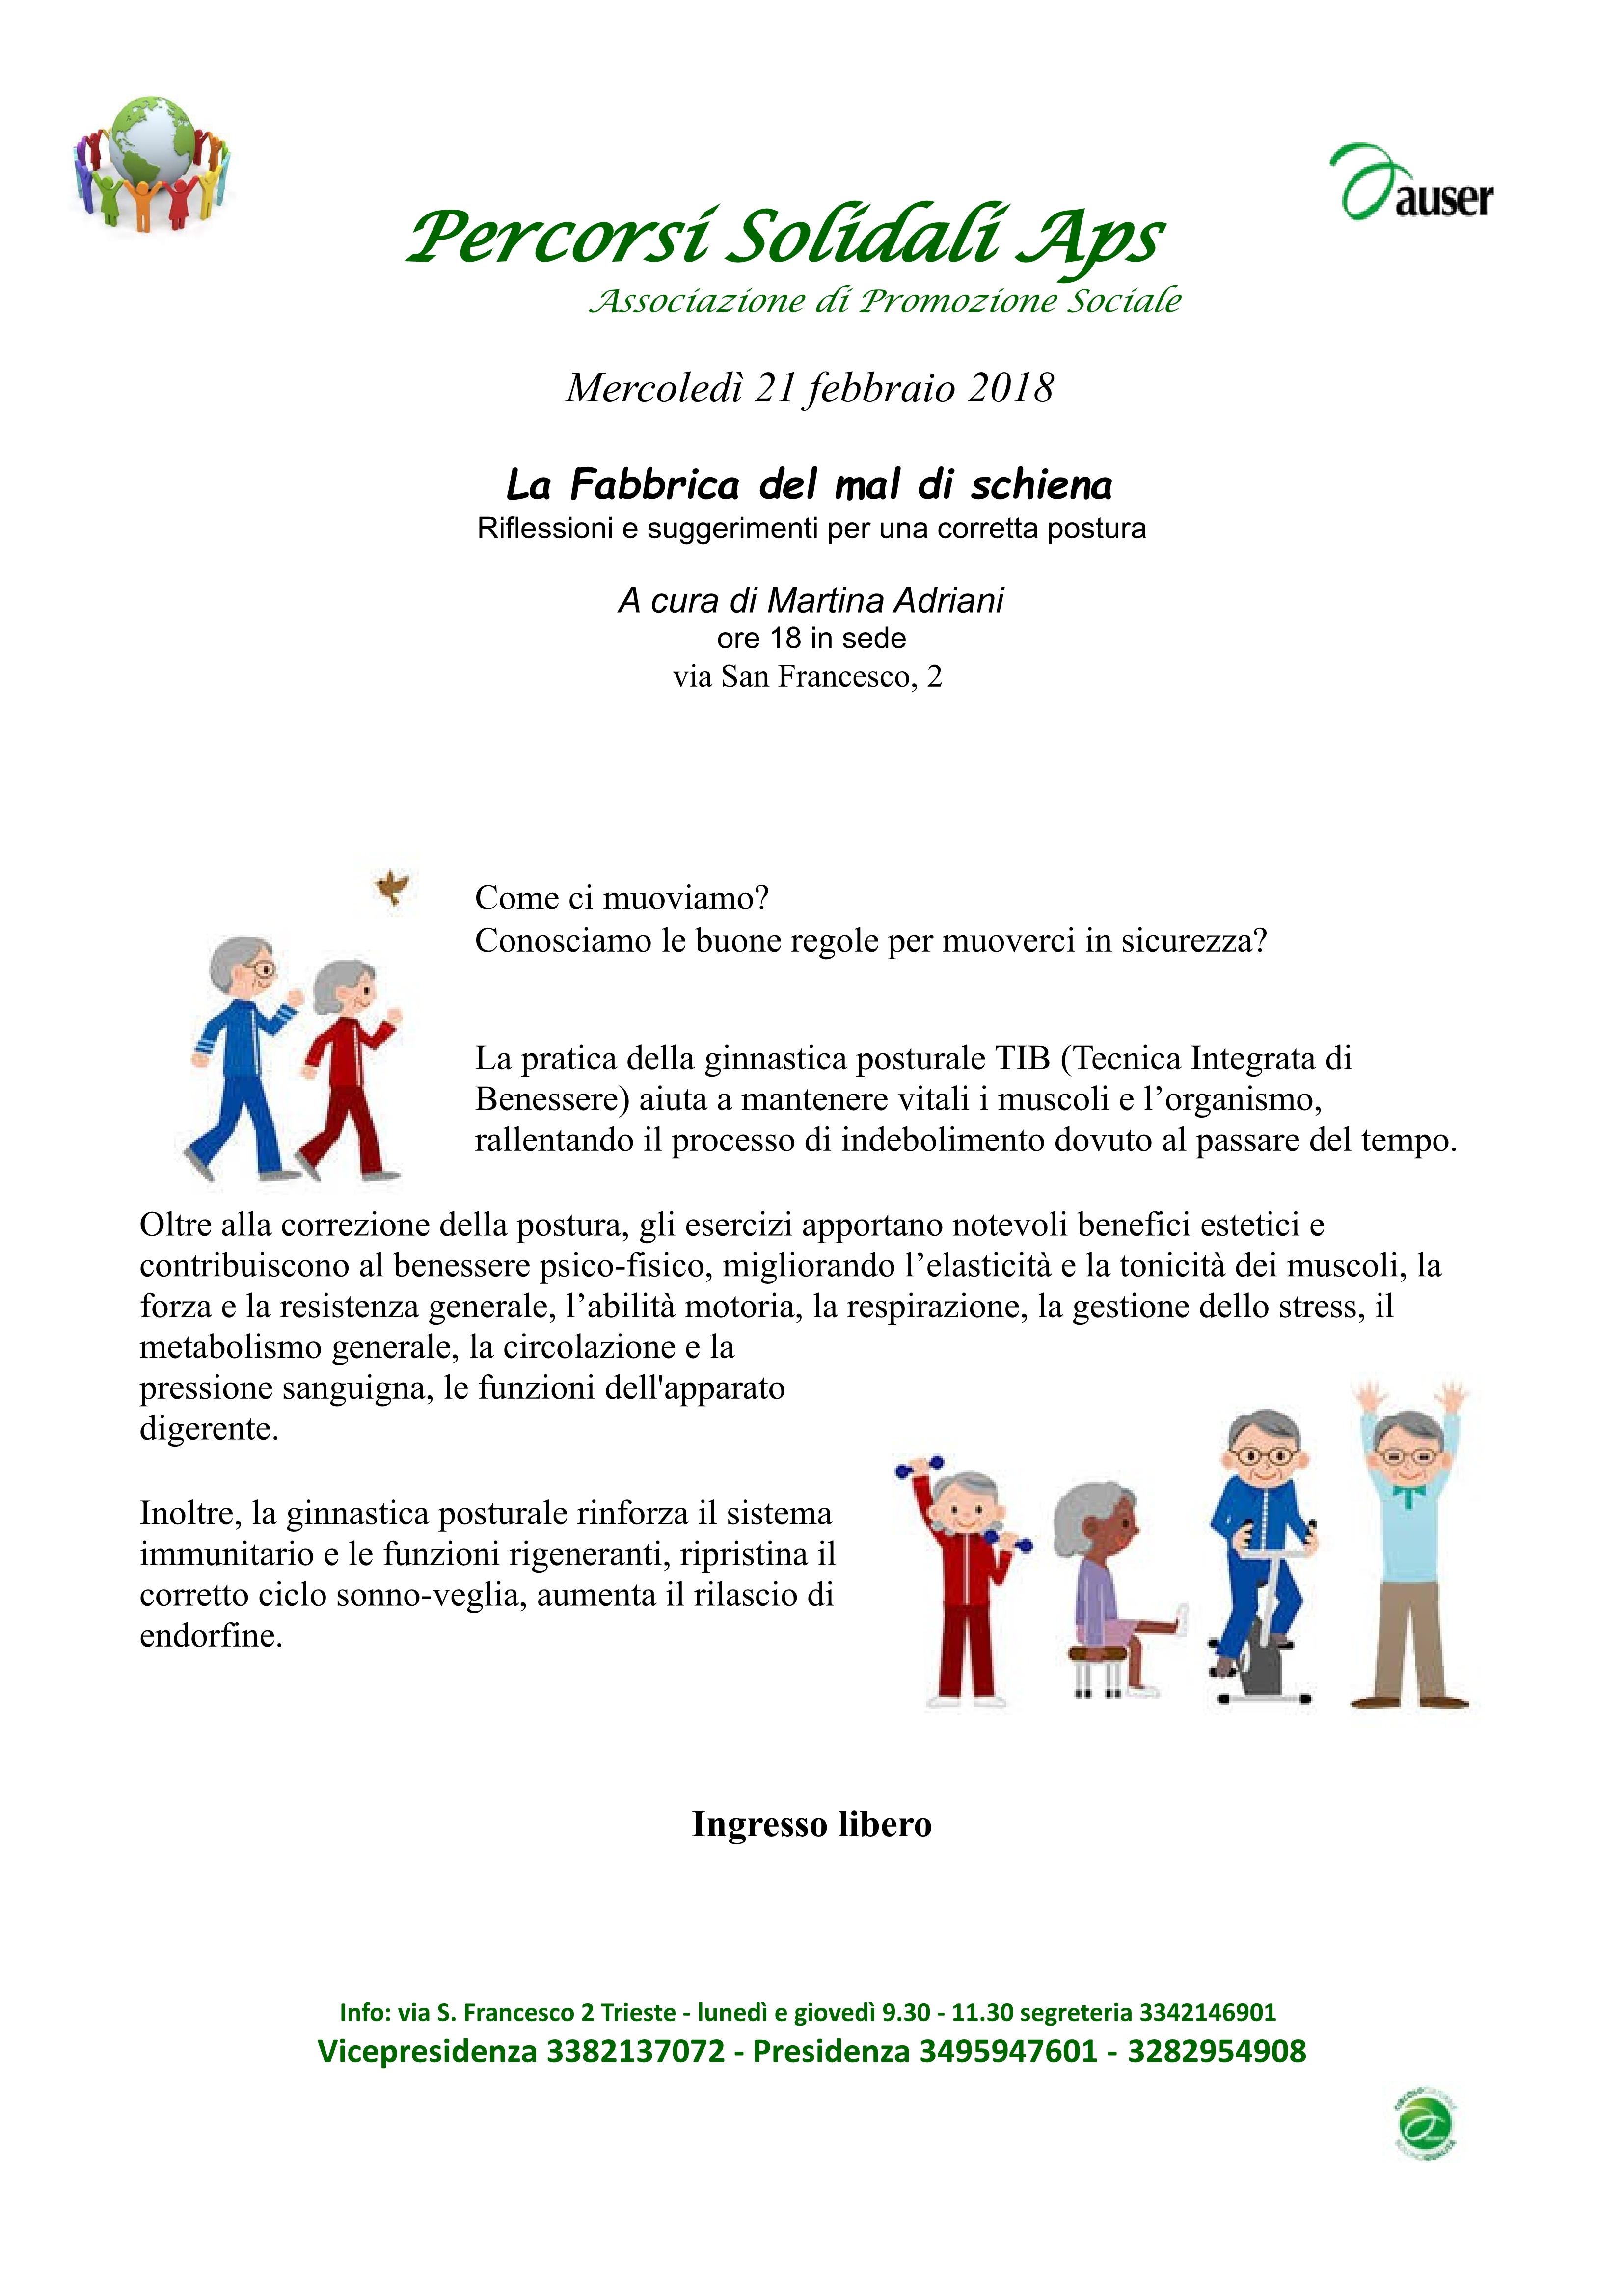 Andriani_postura1